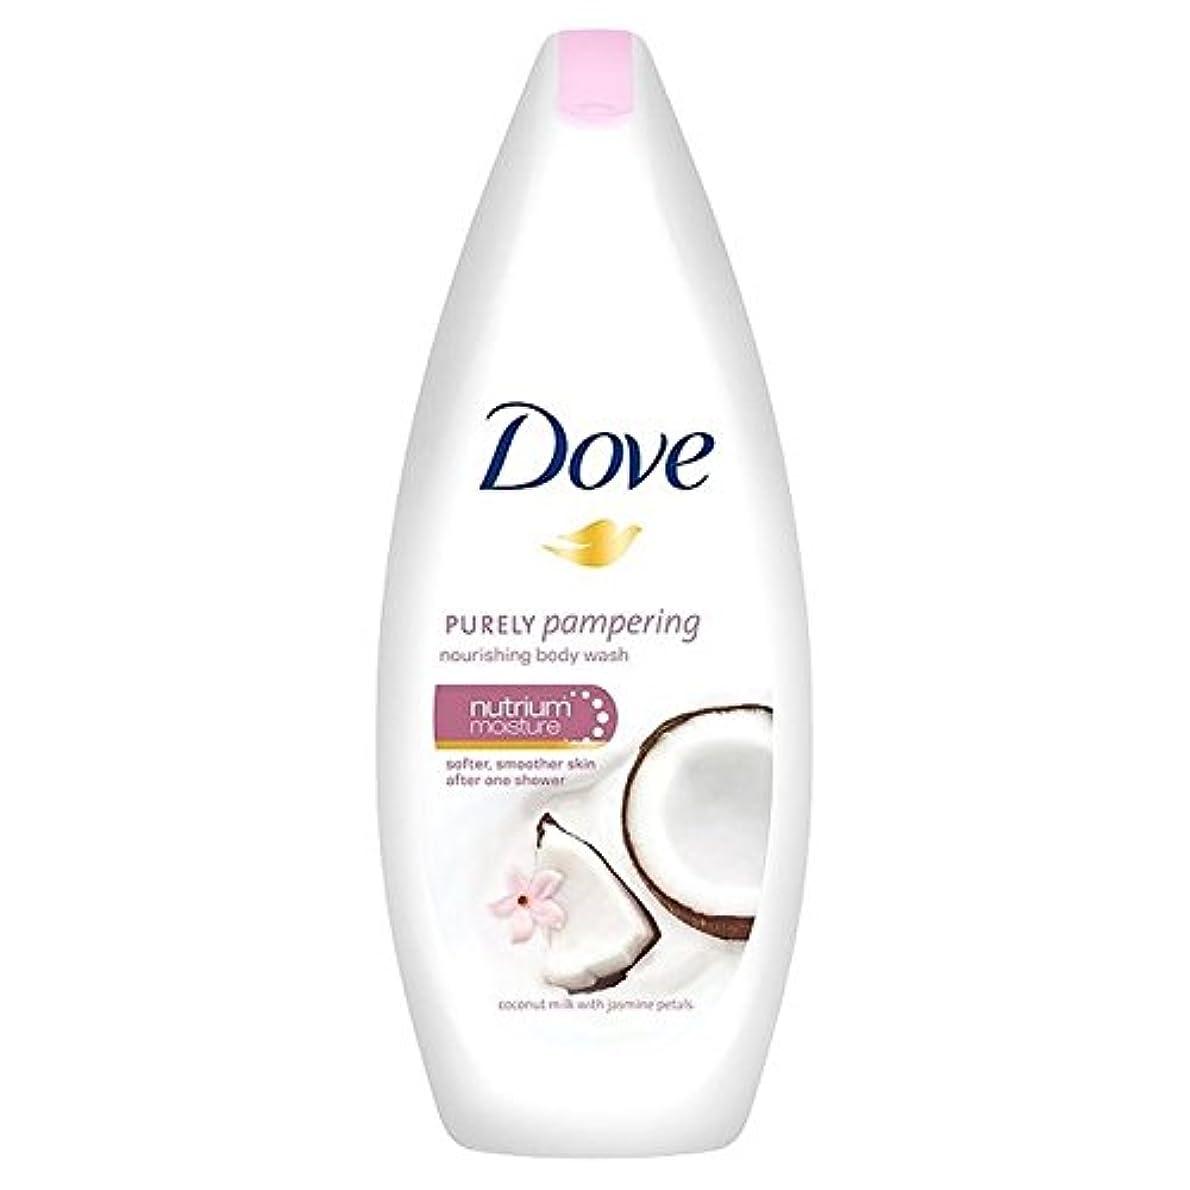 失業資格ミリメーターDove Purely Pampering Coconut Body Wash 250ml (Pack of 6) - 鳩純粋に甘やかすココナッツボディウォッシュ250ミリリットル x6 [並行輸入品]